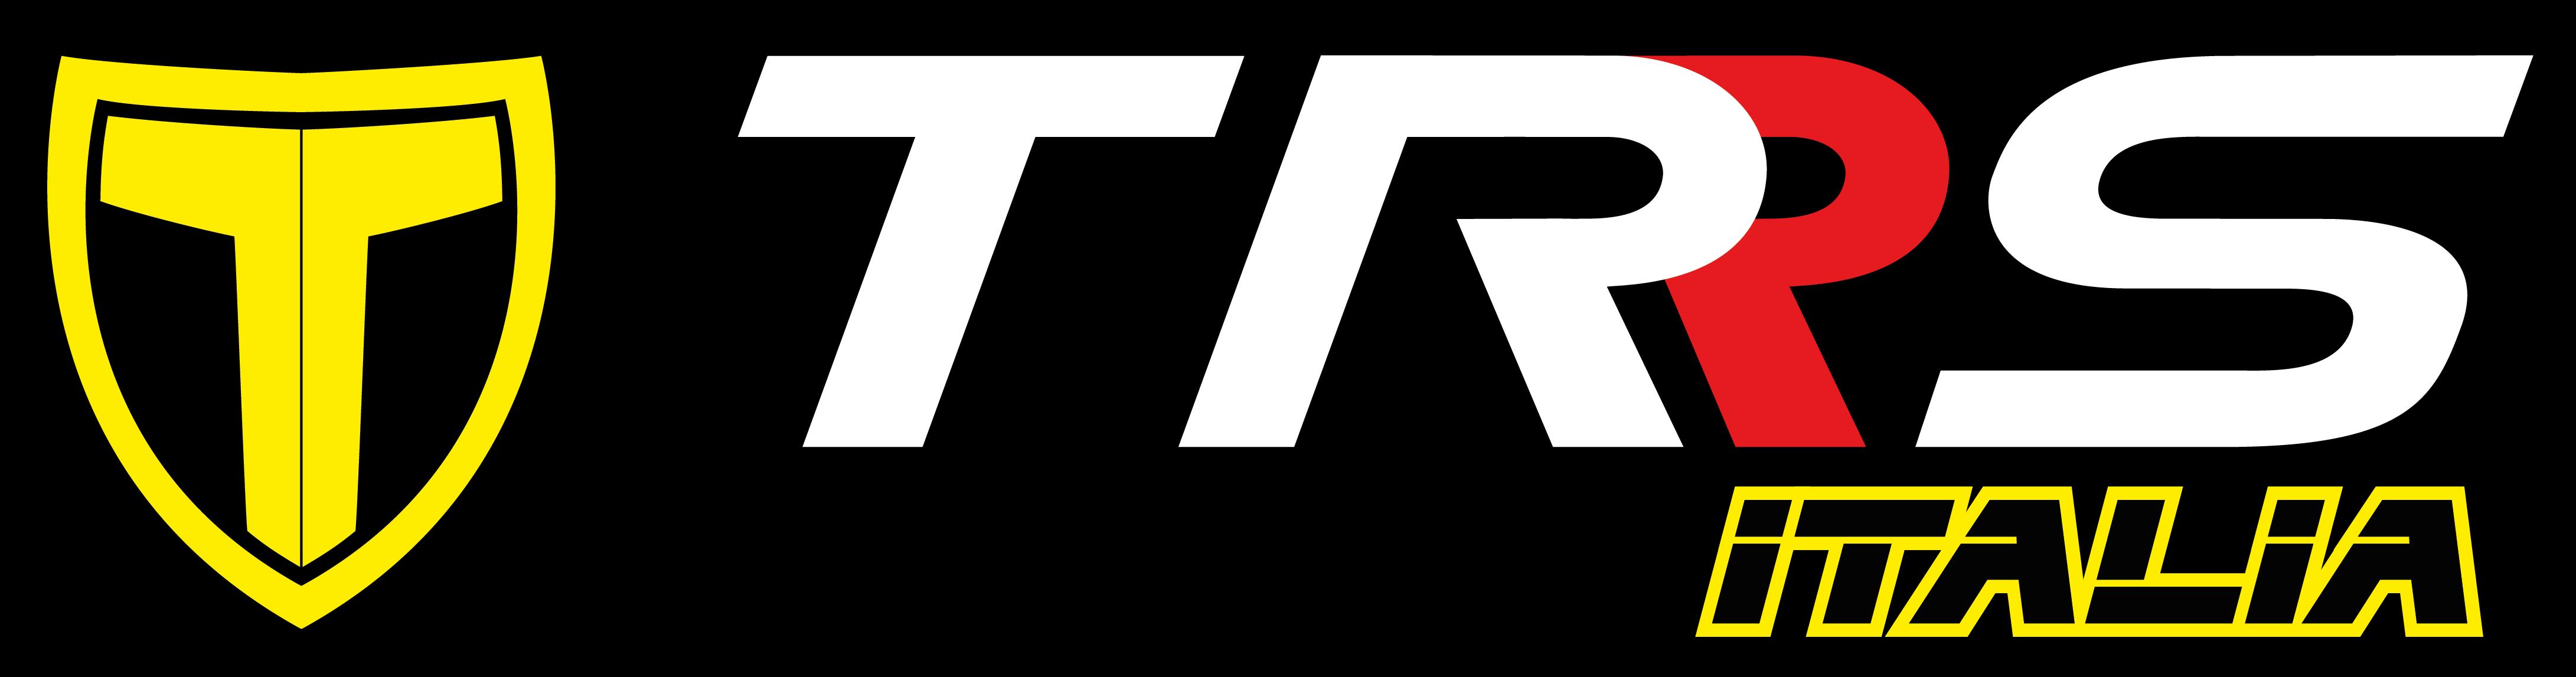 TRS Italia